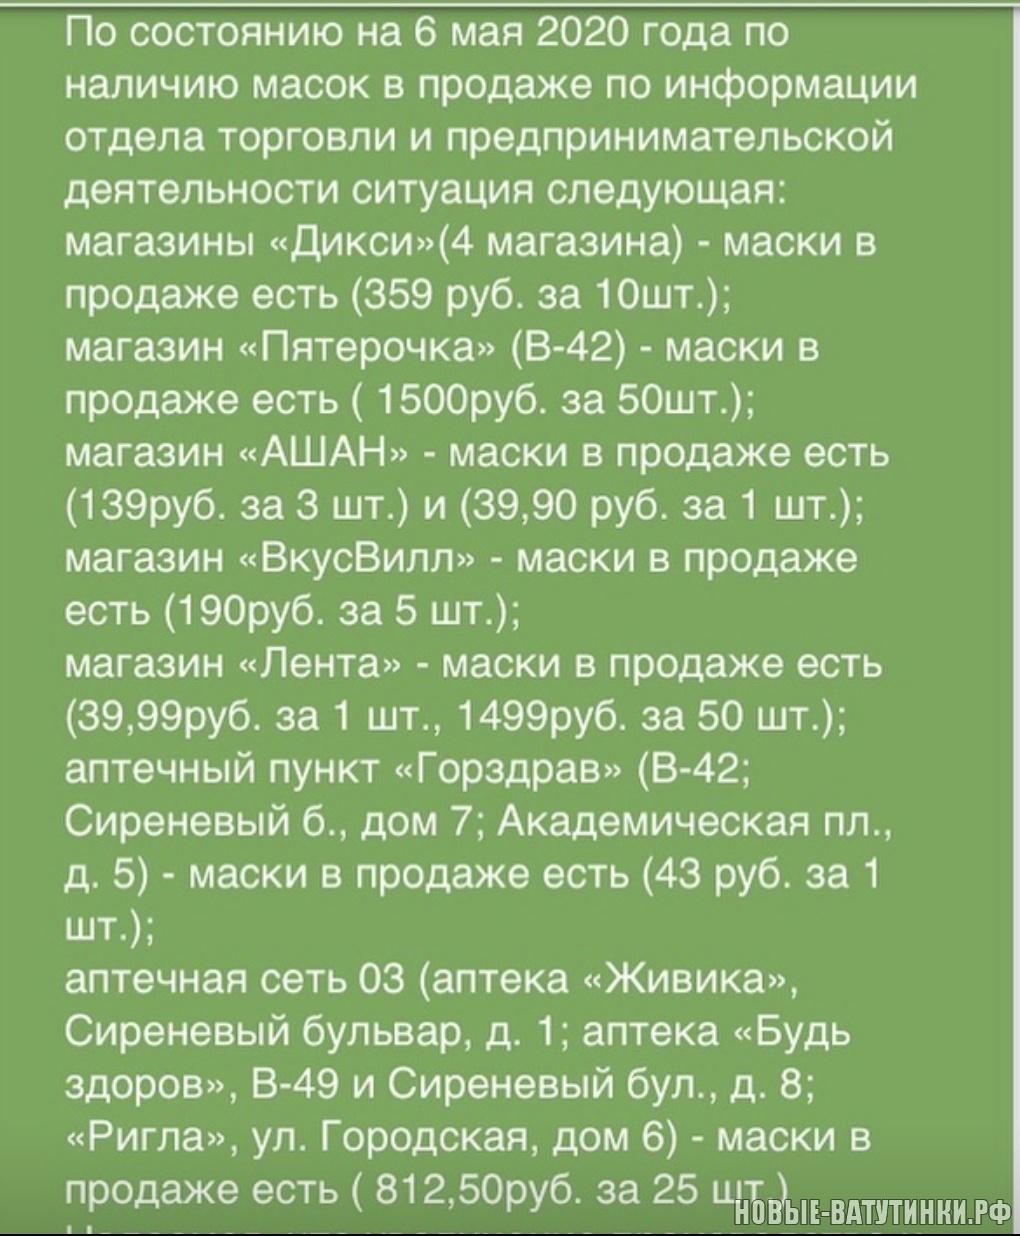 10DC9B7D-43E4-4A8D-8CA6-B73F831A2E31.jpeg